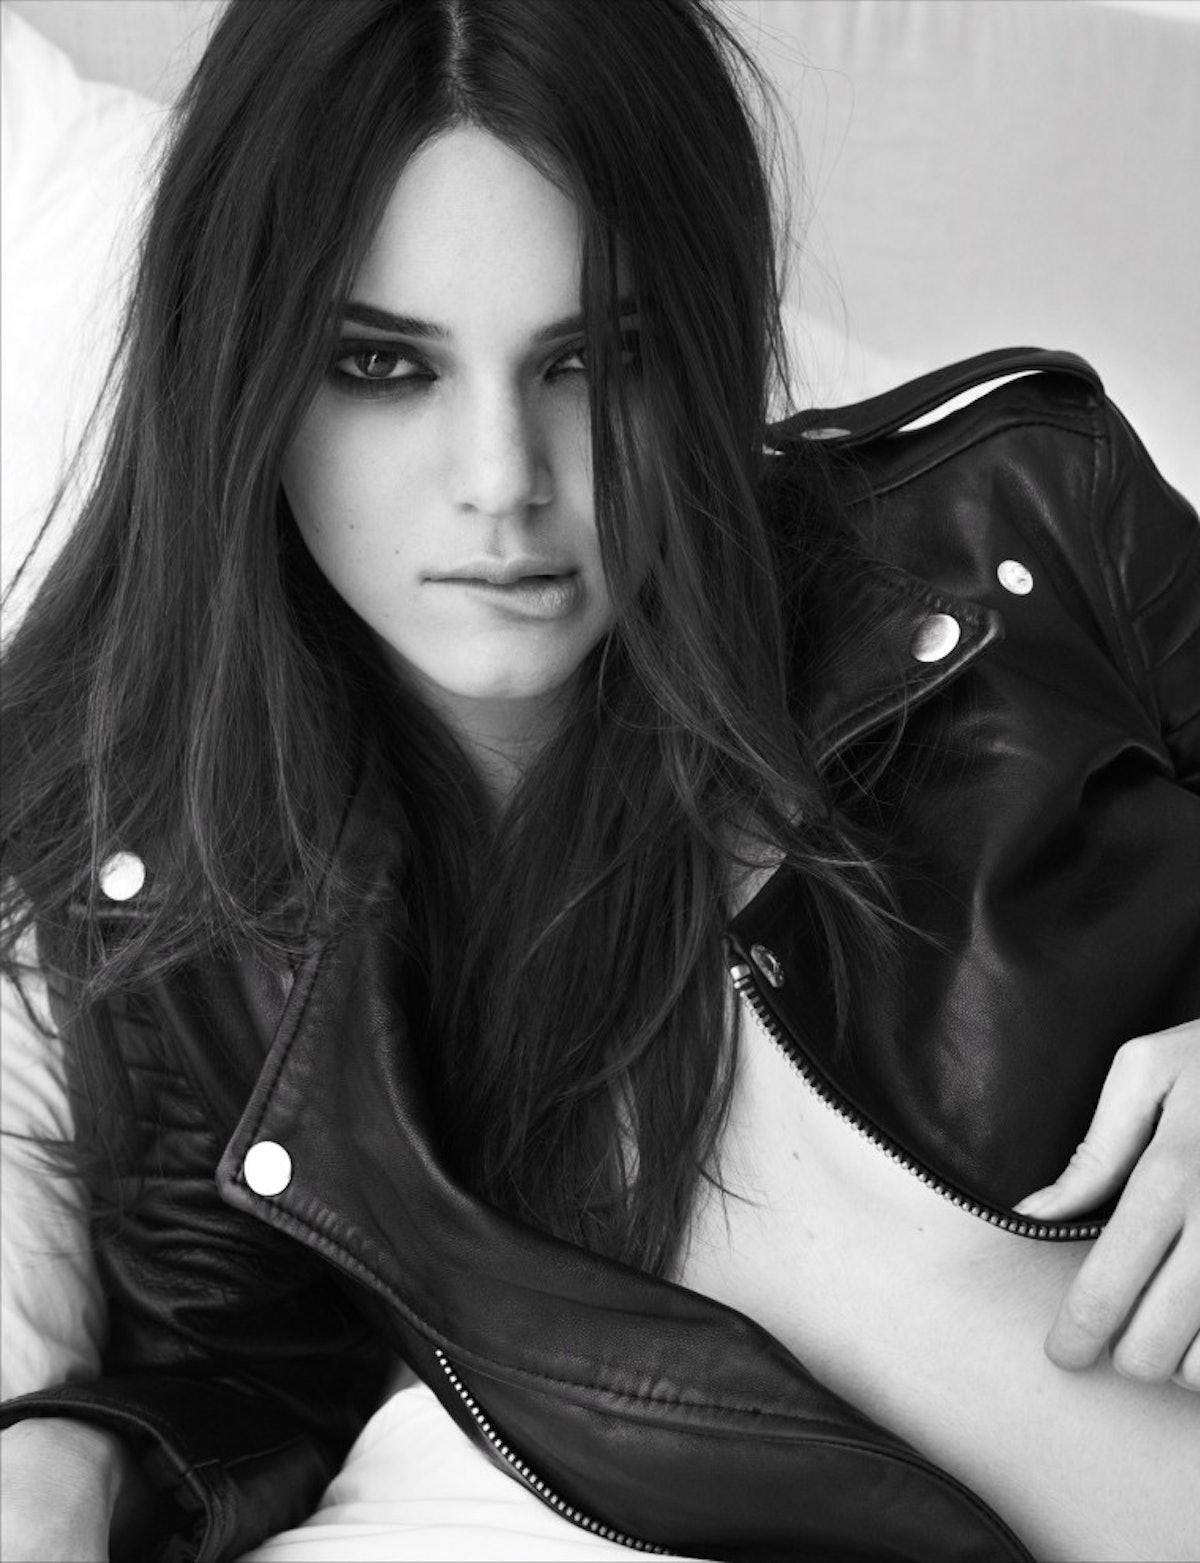 Leather Fall Fashion